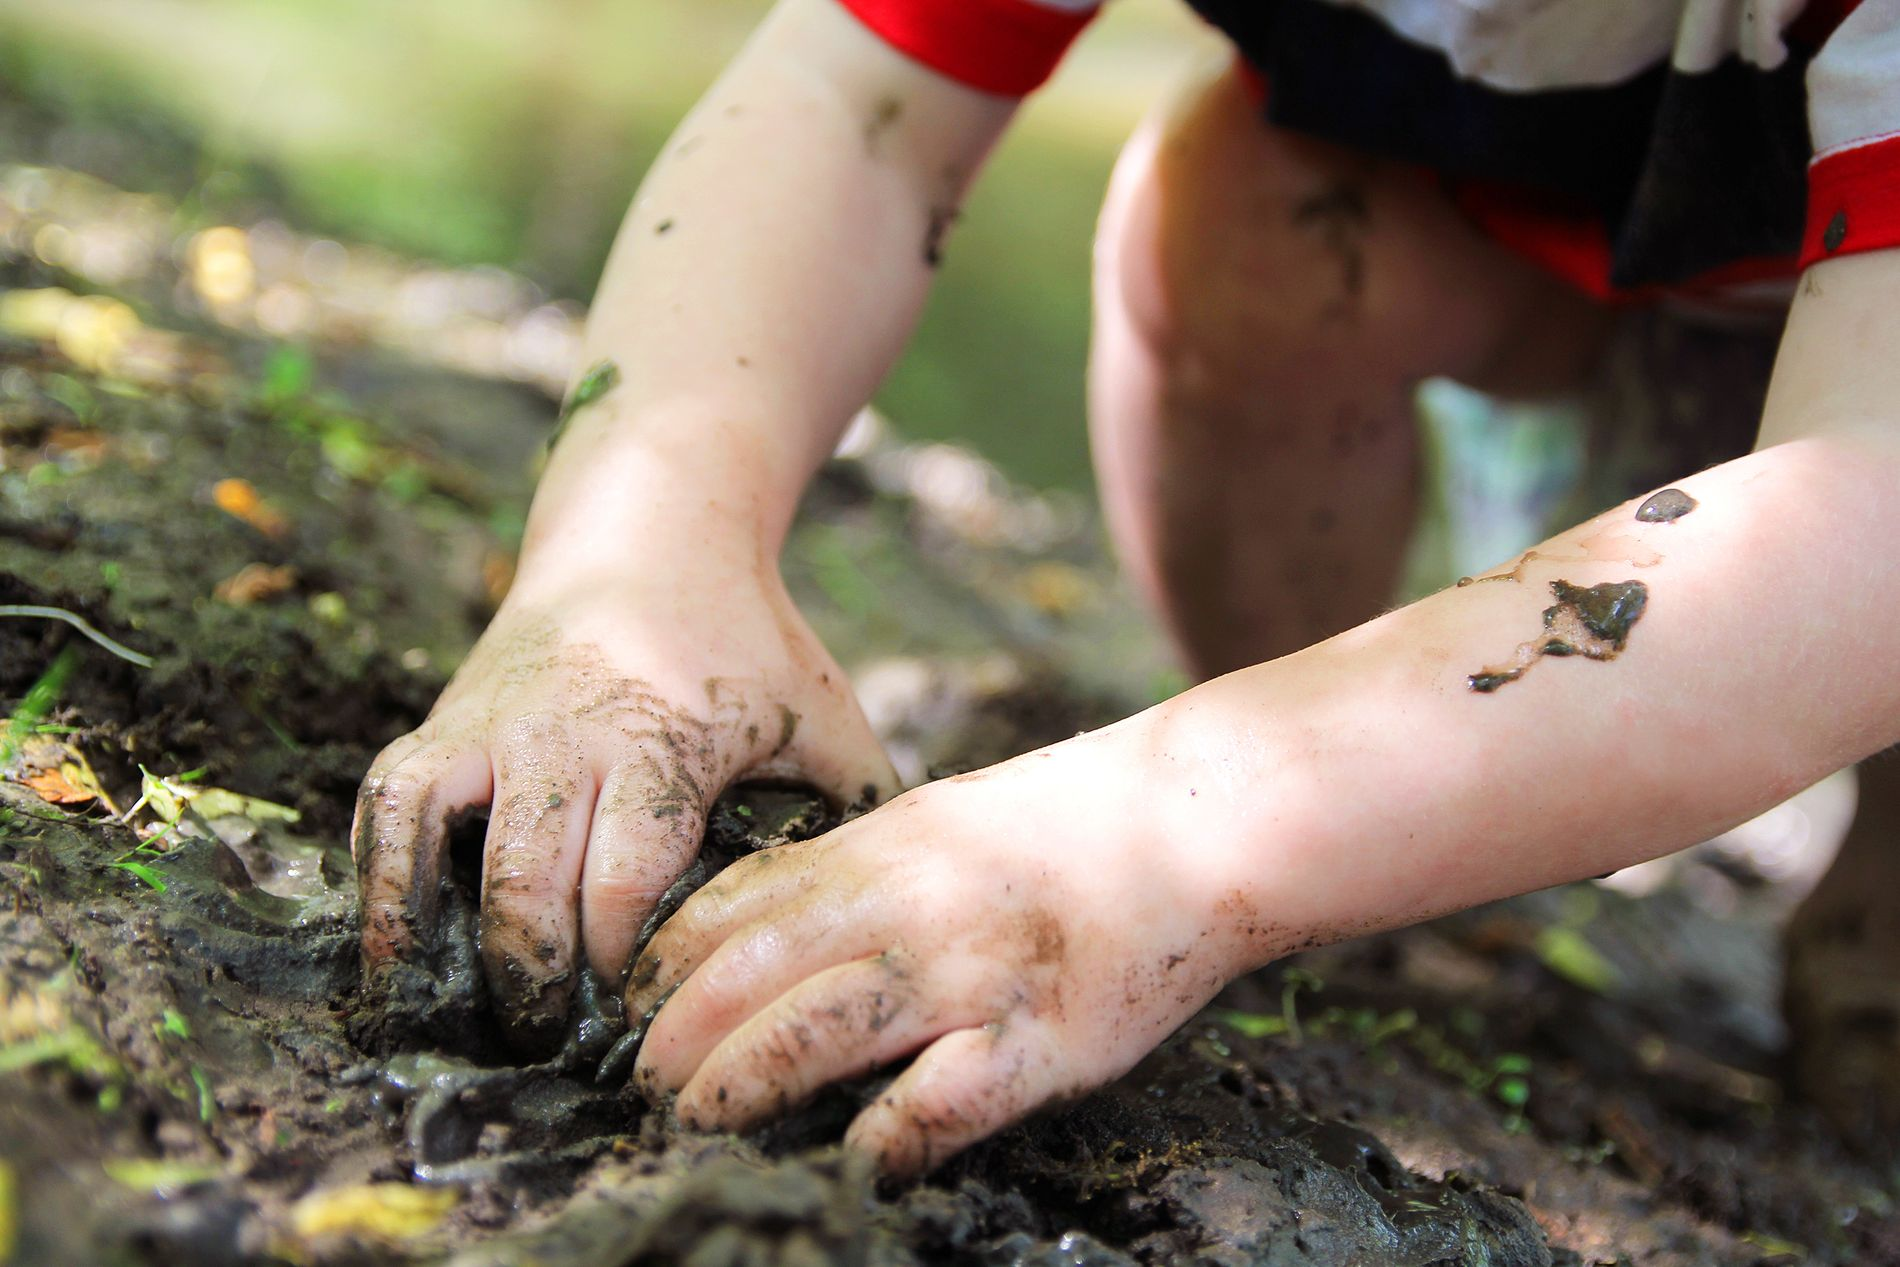 MILJØVENNLIG: Ved å velge de miljøvennlige alternativene, vil man også anerkjenne solid forskning om barn og hva de liker å gjøre når de ute, skriver innsenderne.